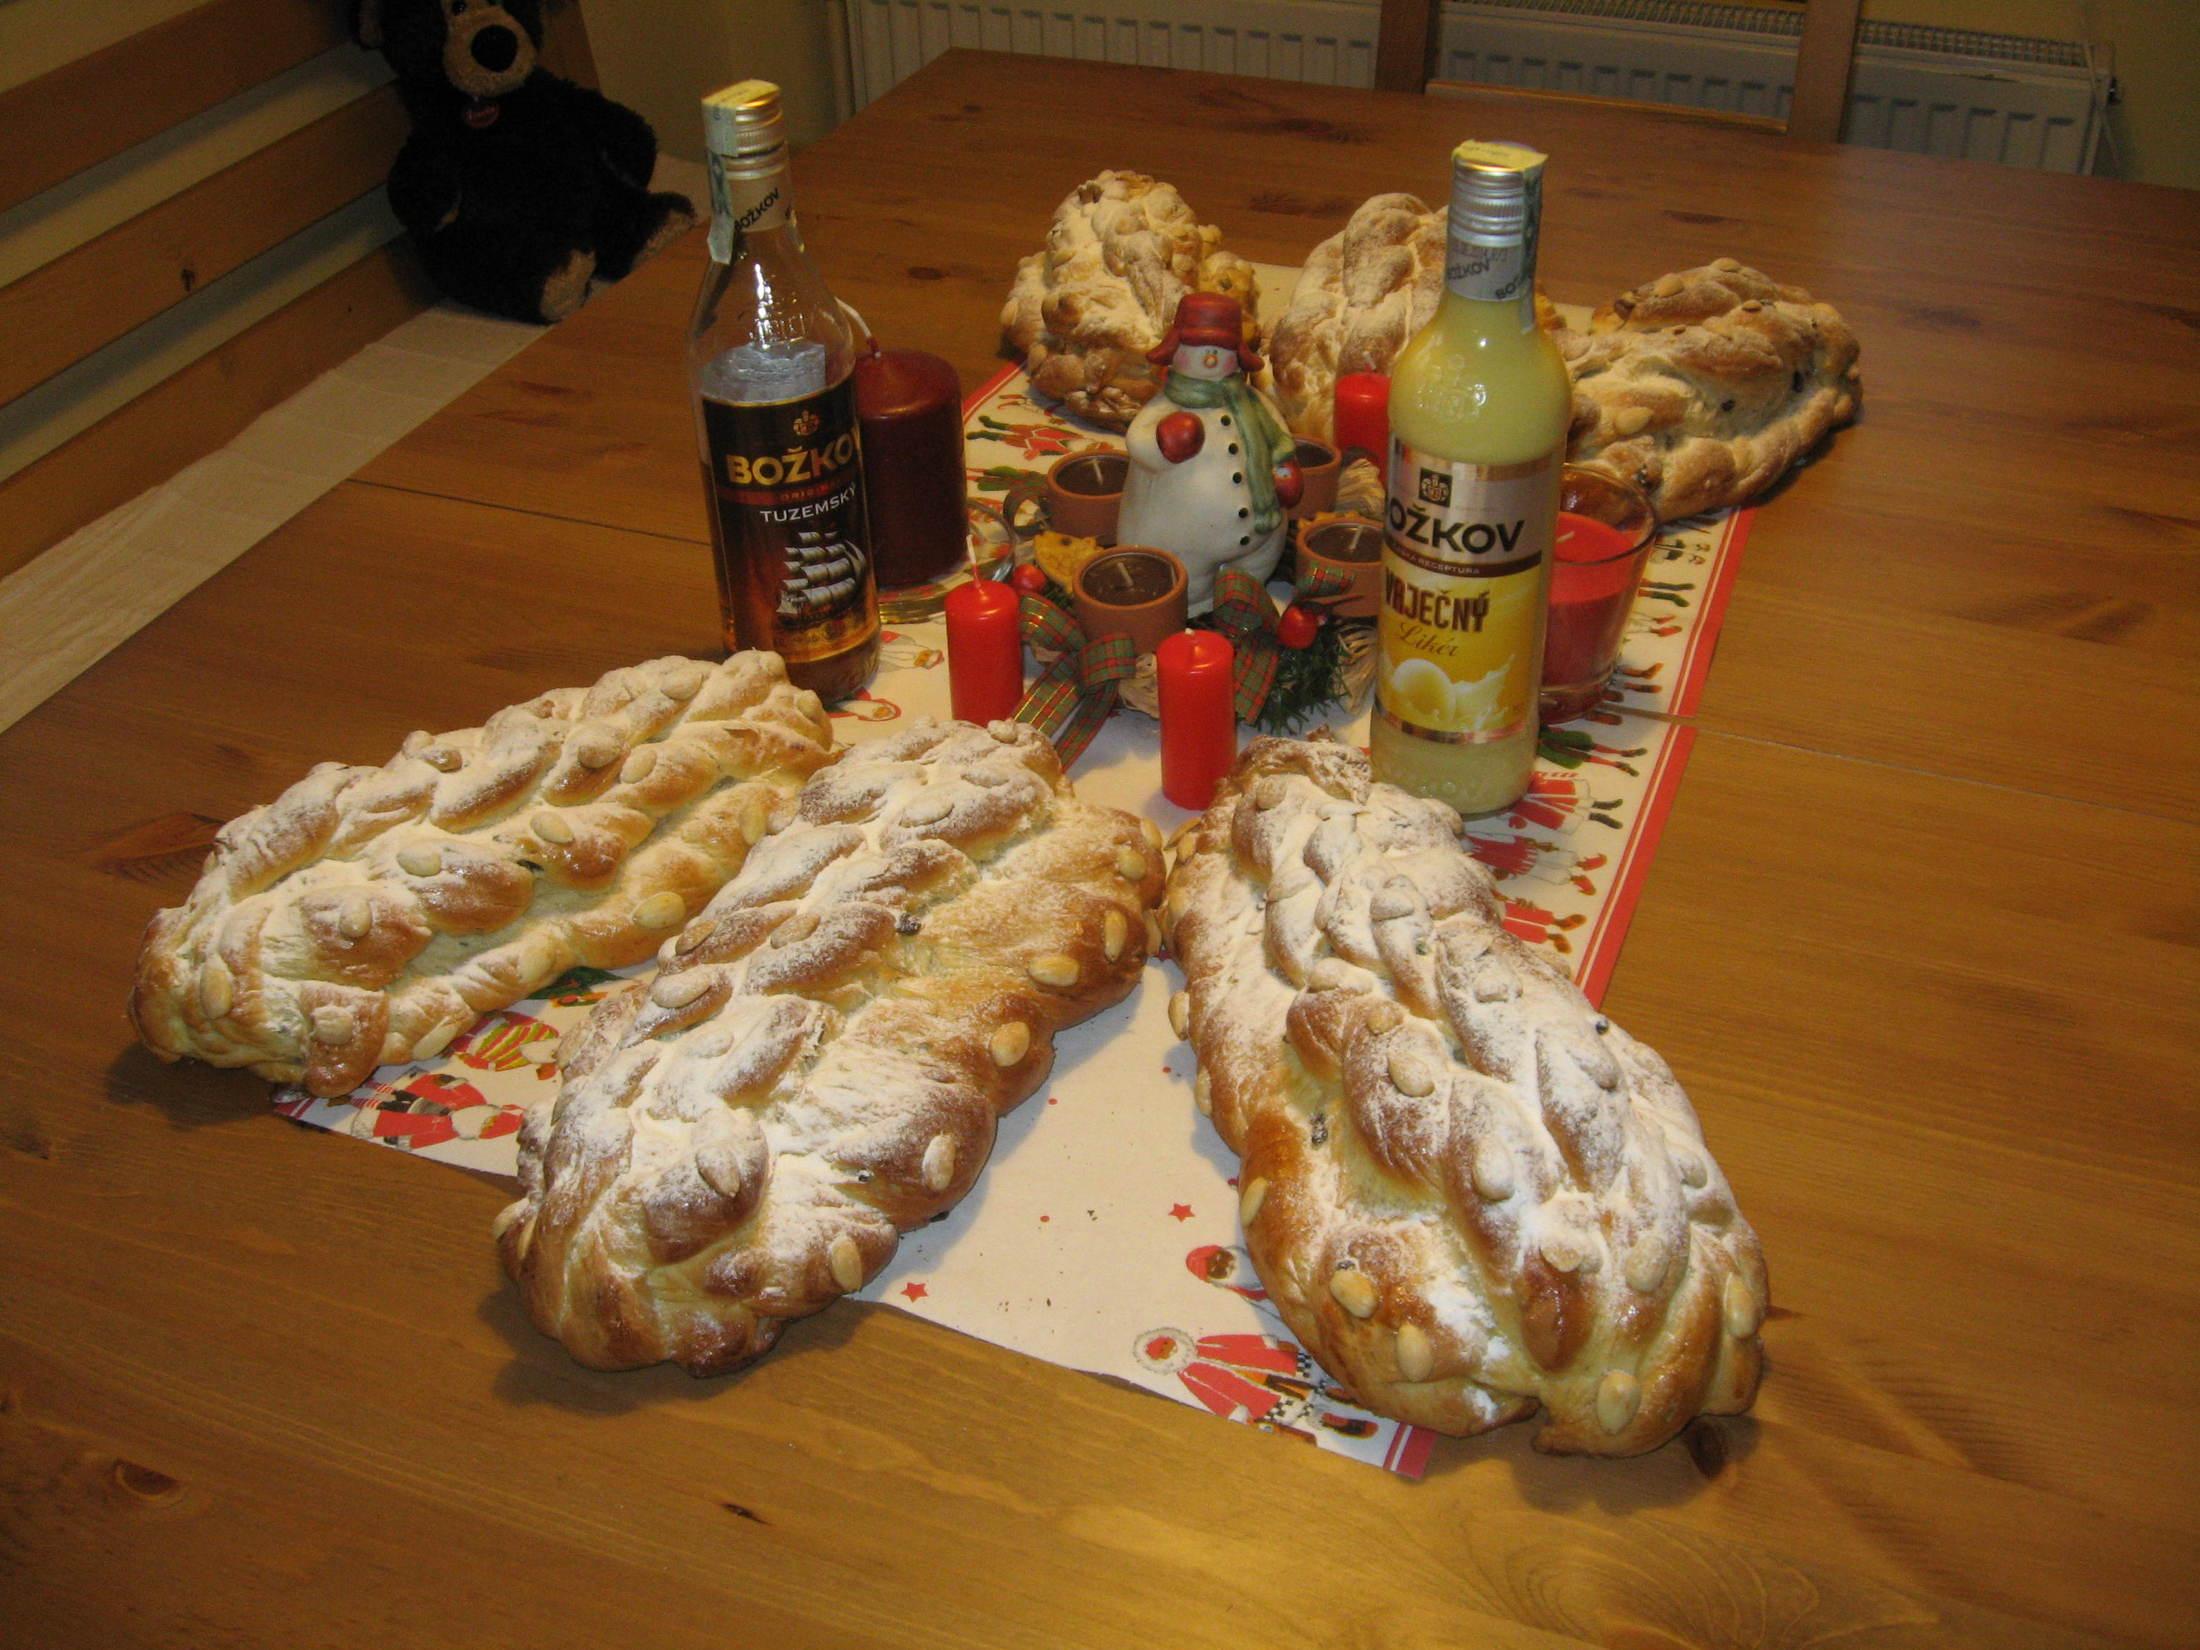 Recept Vánočka mojí babičky - Nejlepší recept na vánočky,dělám je už hodně dlouho a jen se po nich zapráší.